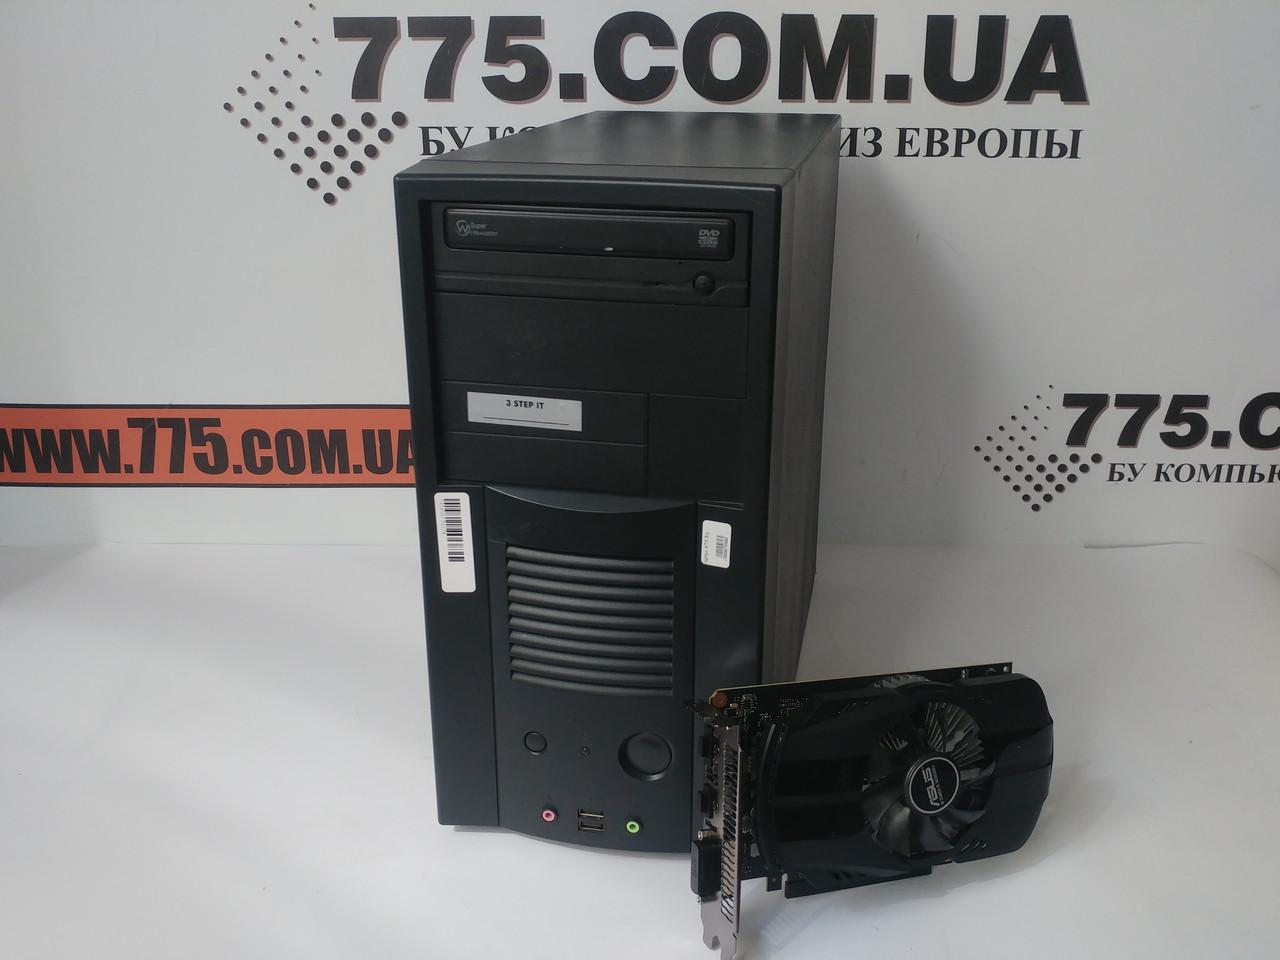 Игровой компьютер EuroCom, Intel Core i5 3.4GHz, RAM 8ГБ, SSHD 500ГБ, GeForce GT 1030 2GB